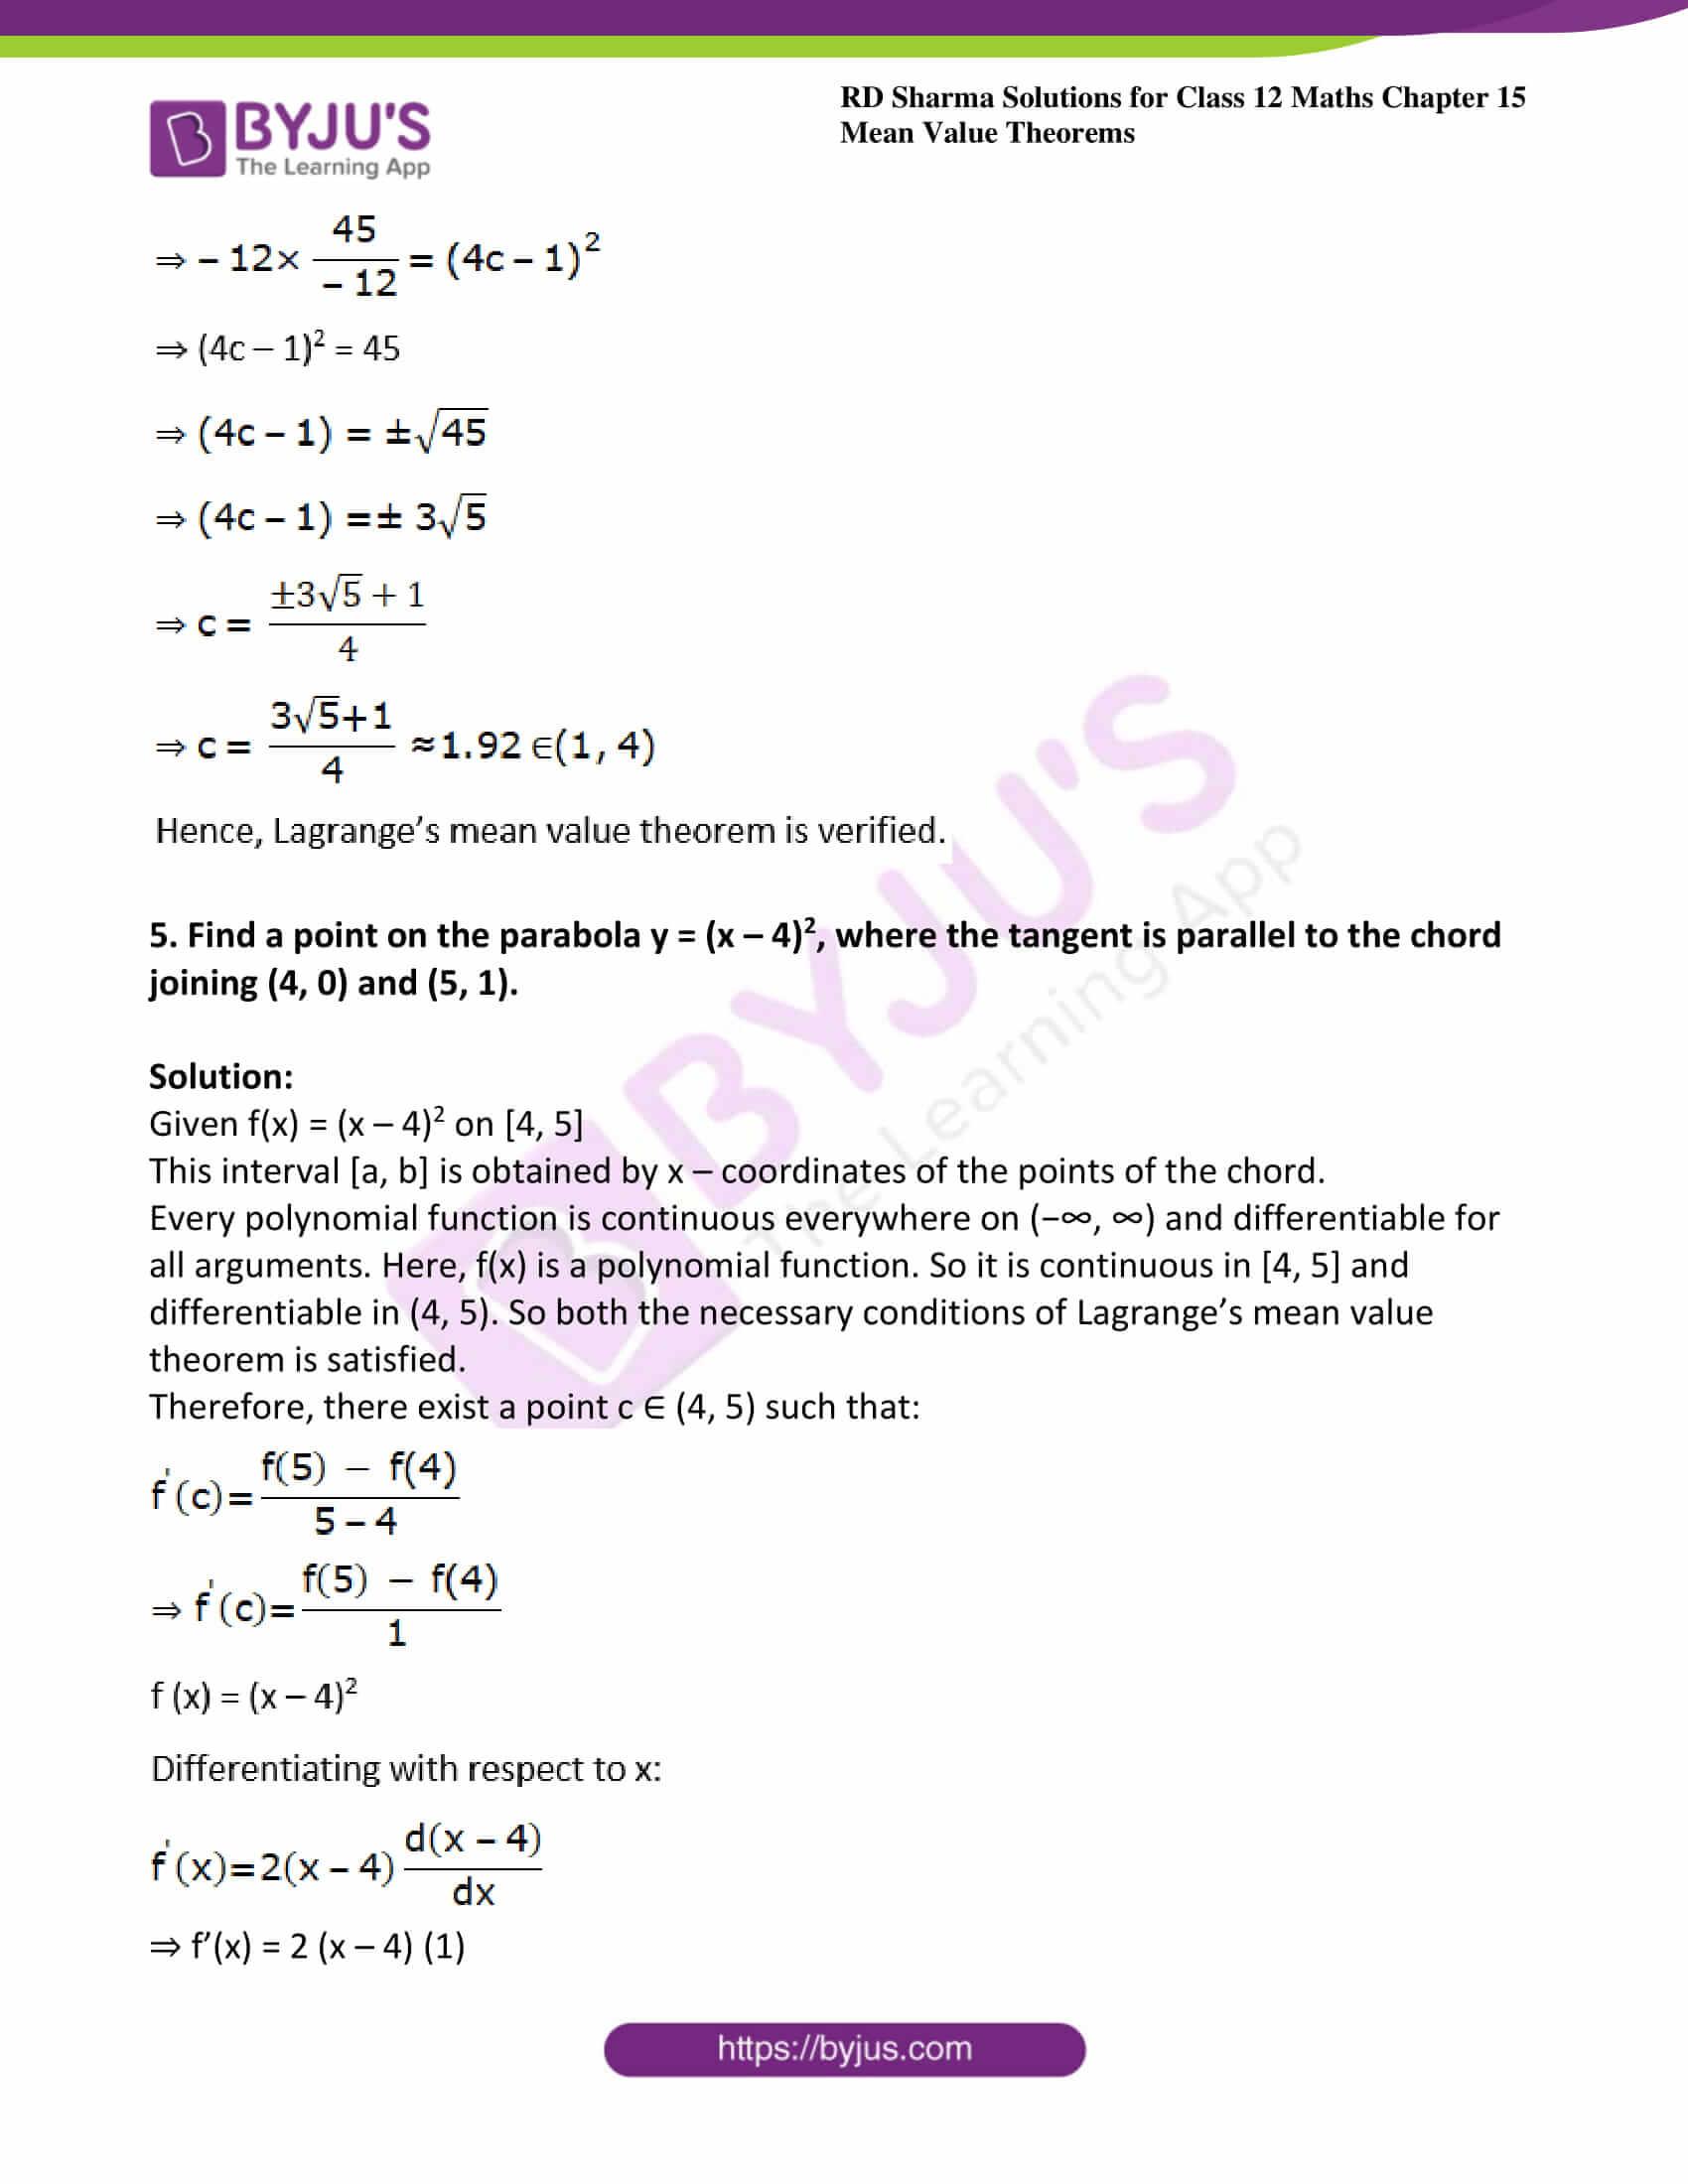 rd sharma class 12 maths solutions chapter 15 ex 2 30